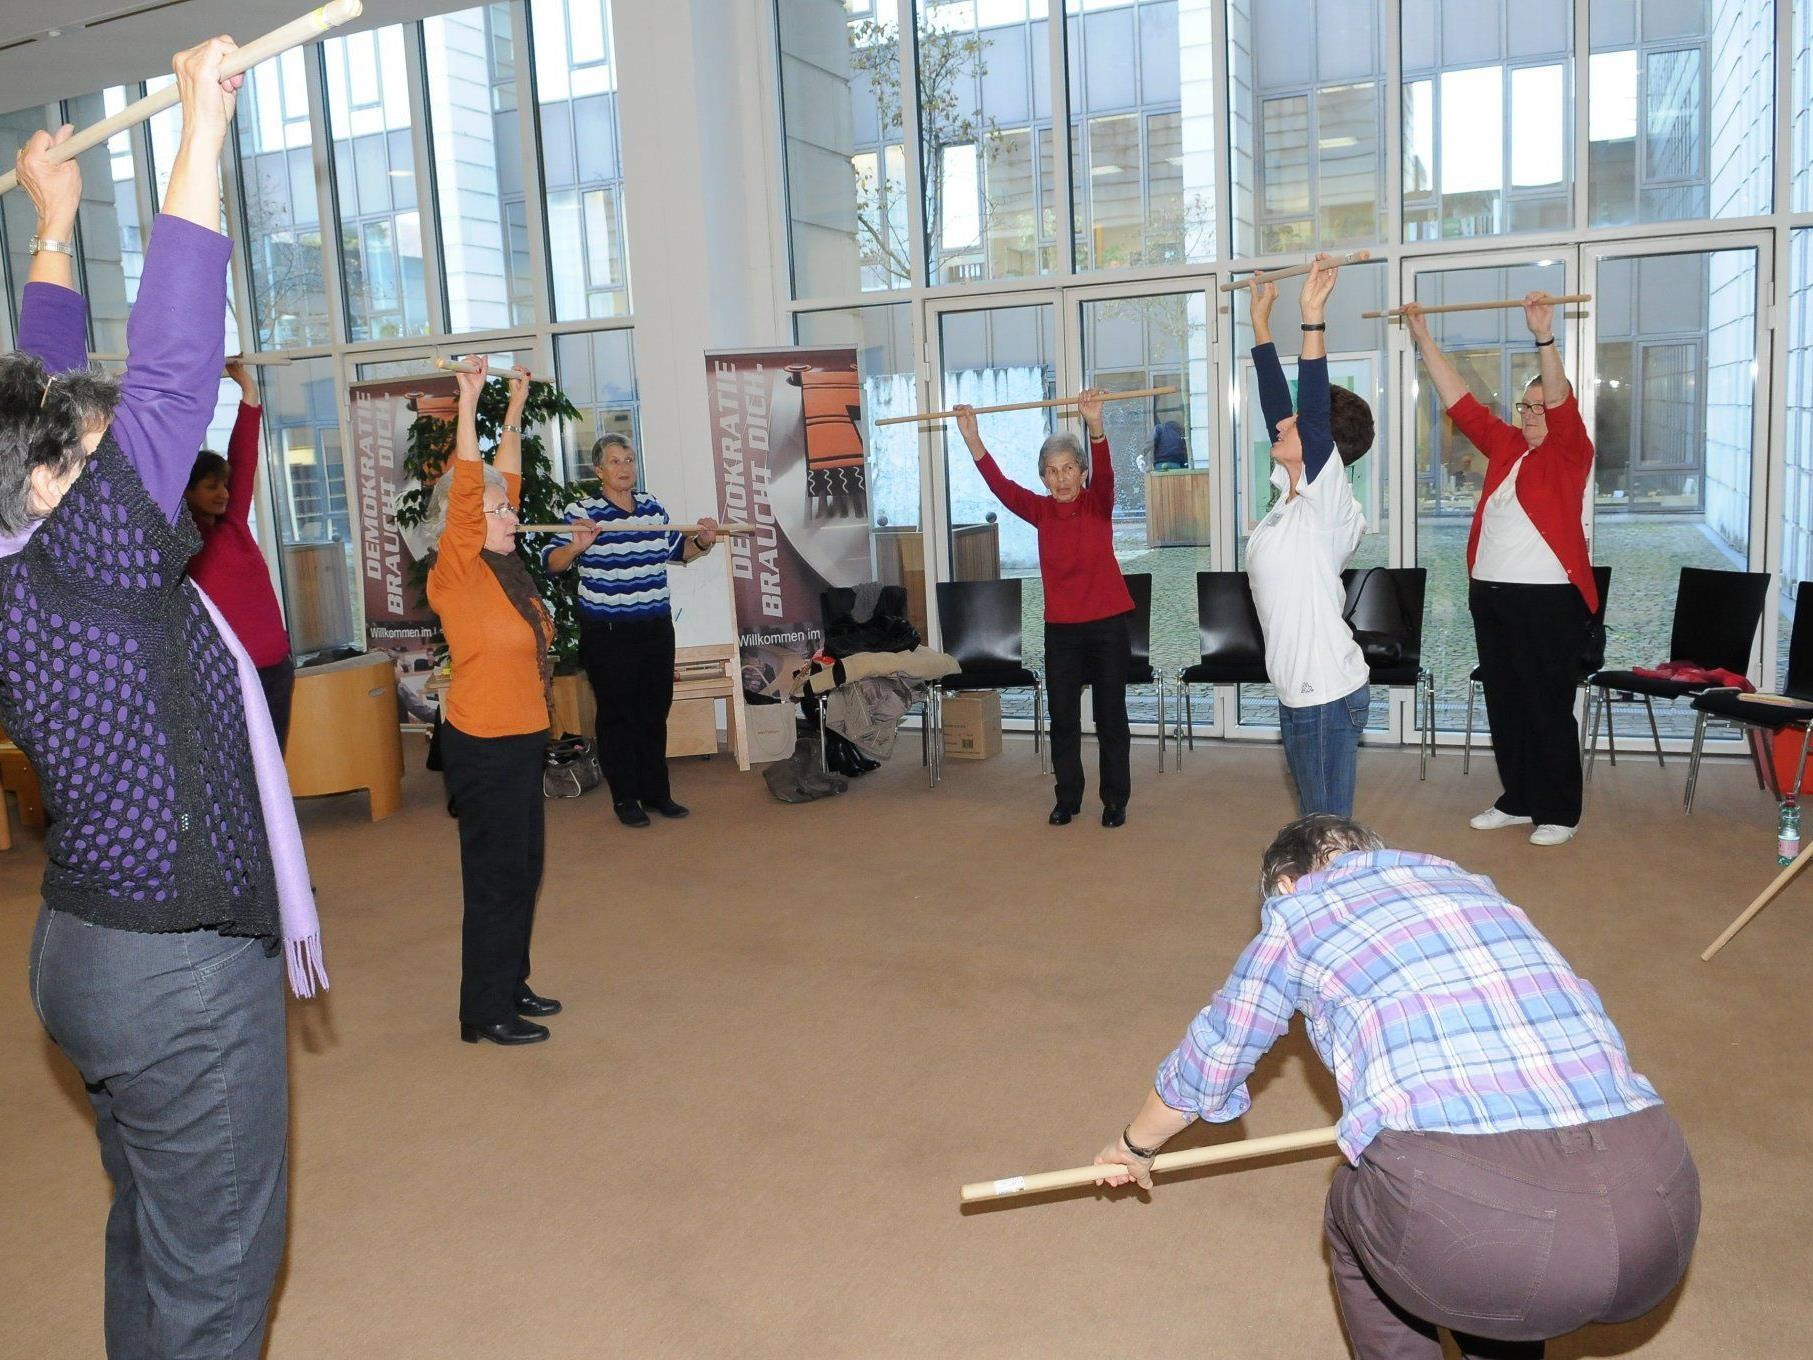 Eröffnung einer Veranstaltung zum Weltosteoporose-Tag im Landhaus.